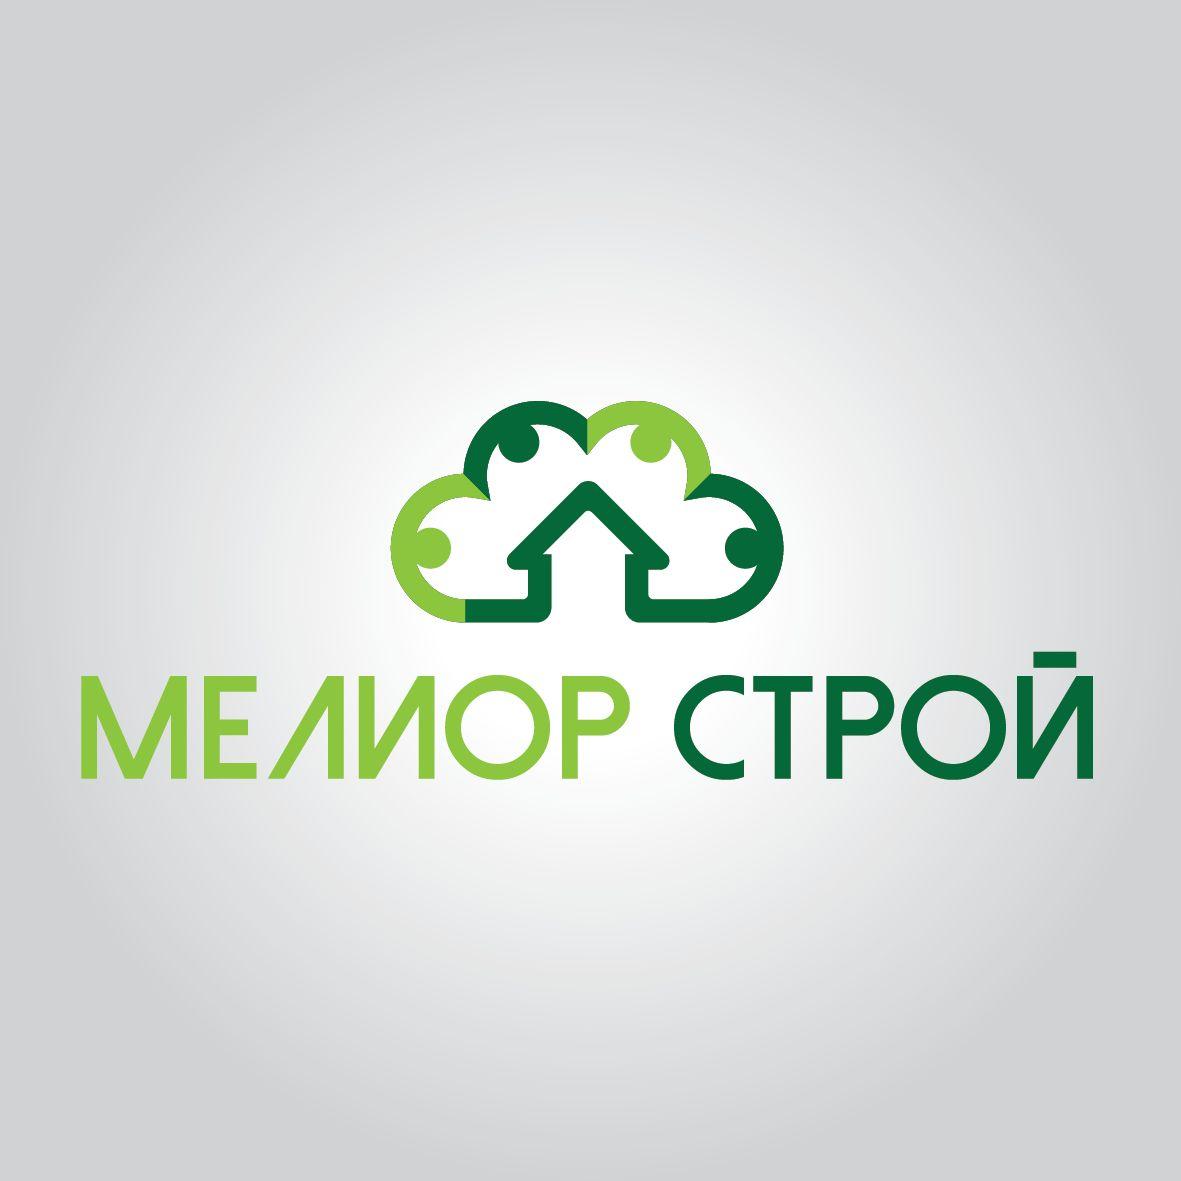 Фирменный стиль для Мелиор Строй - дизайнер kit-design